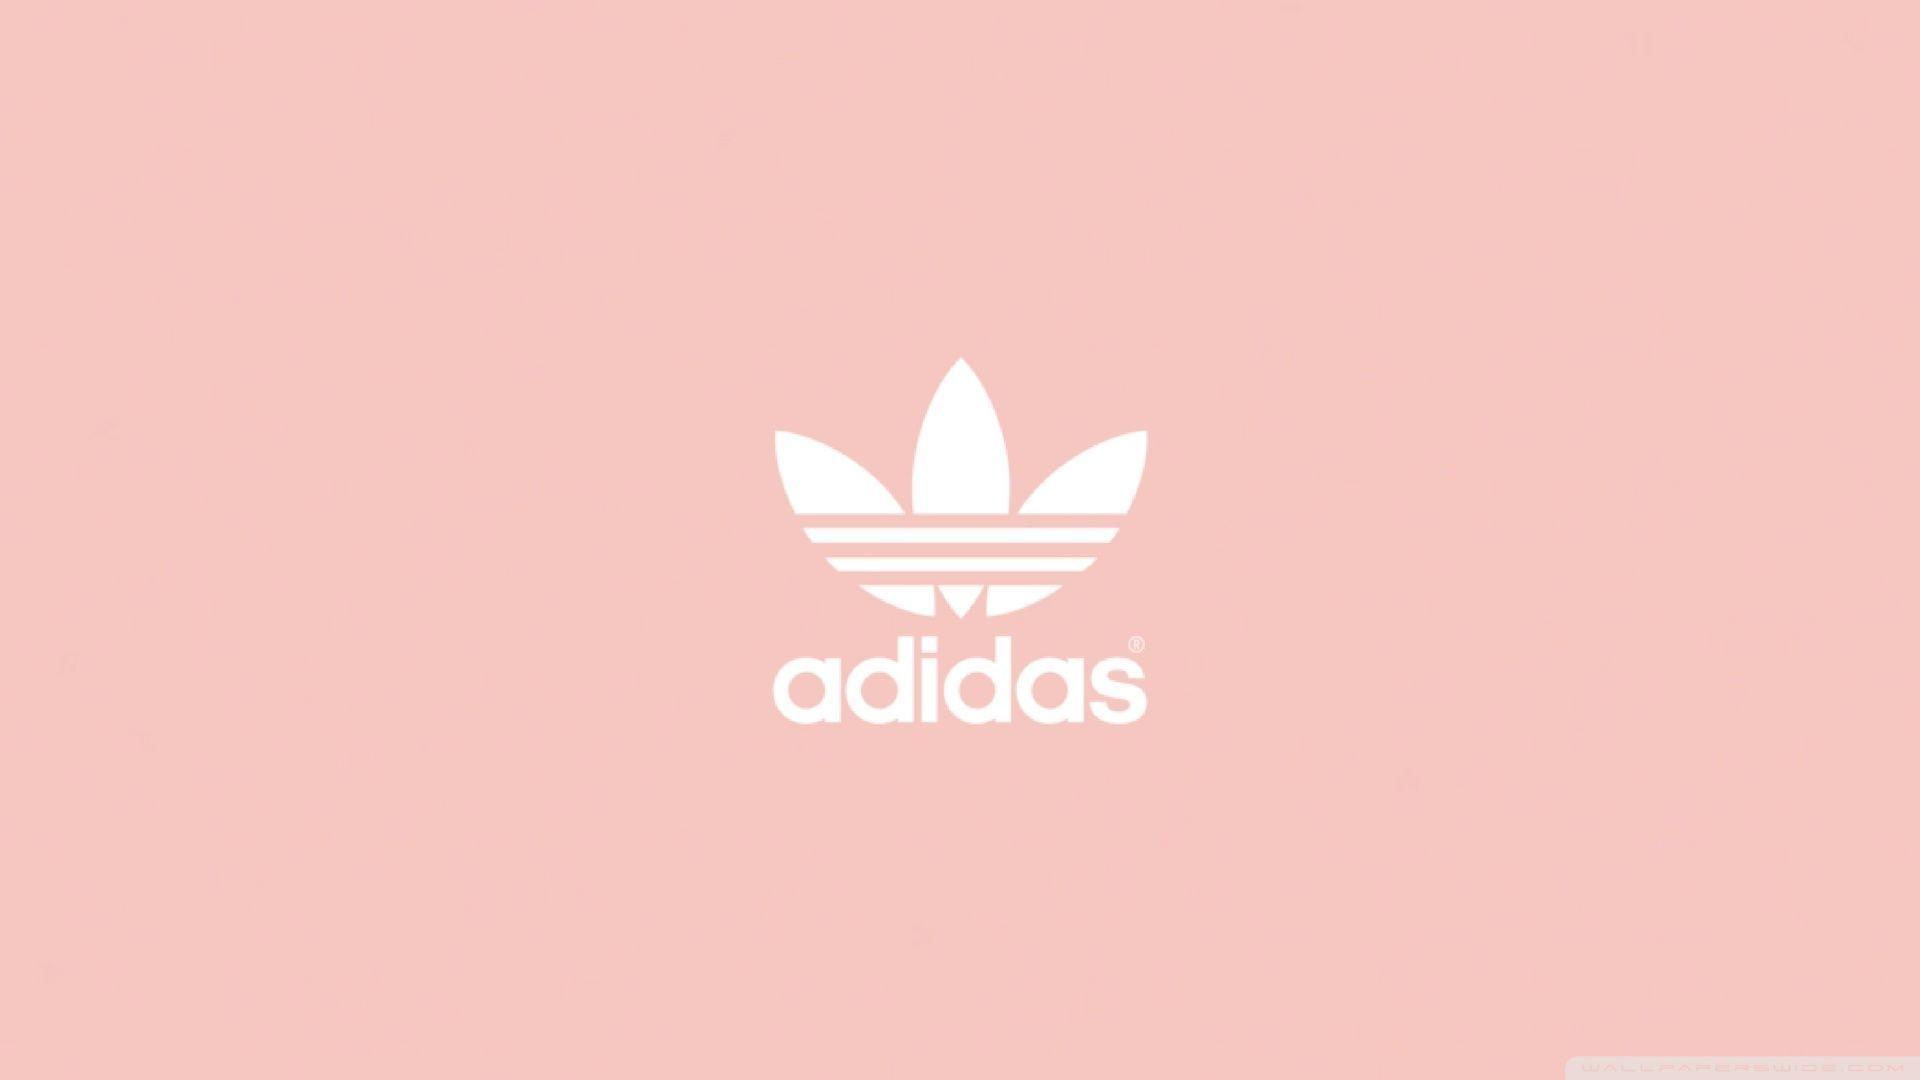 Adidas Logo Pink